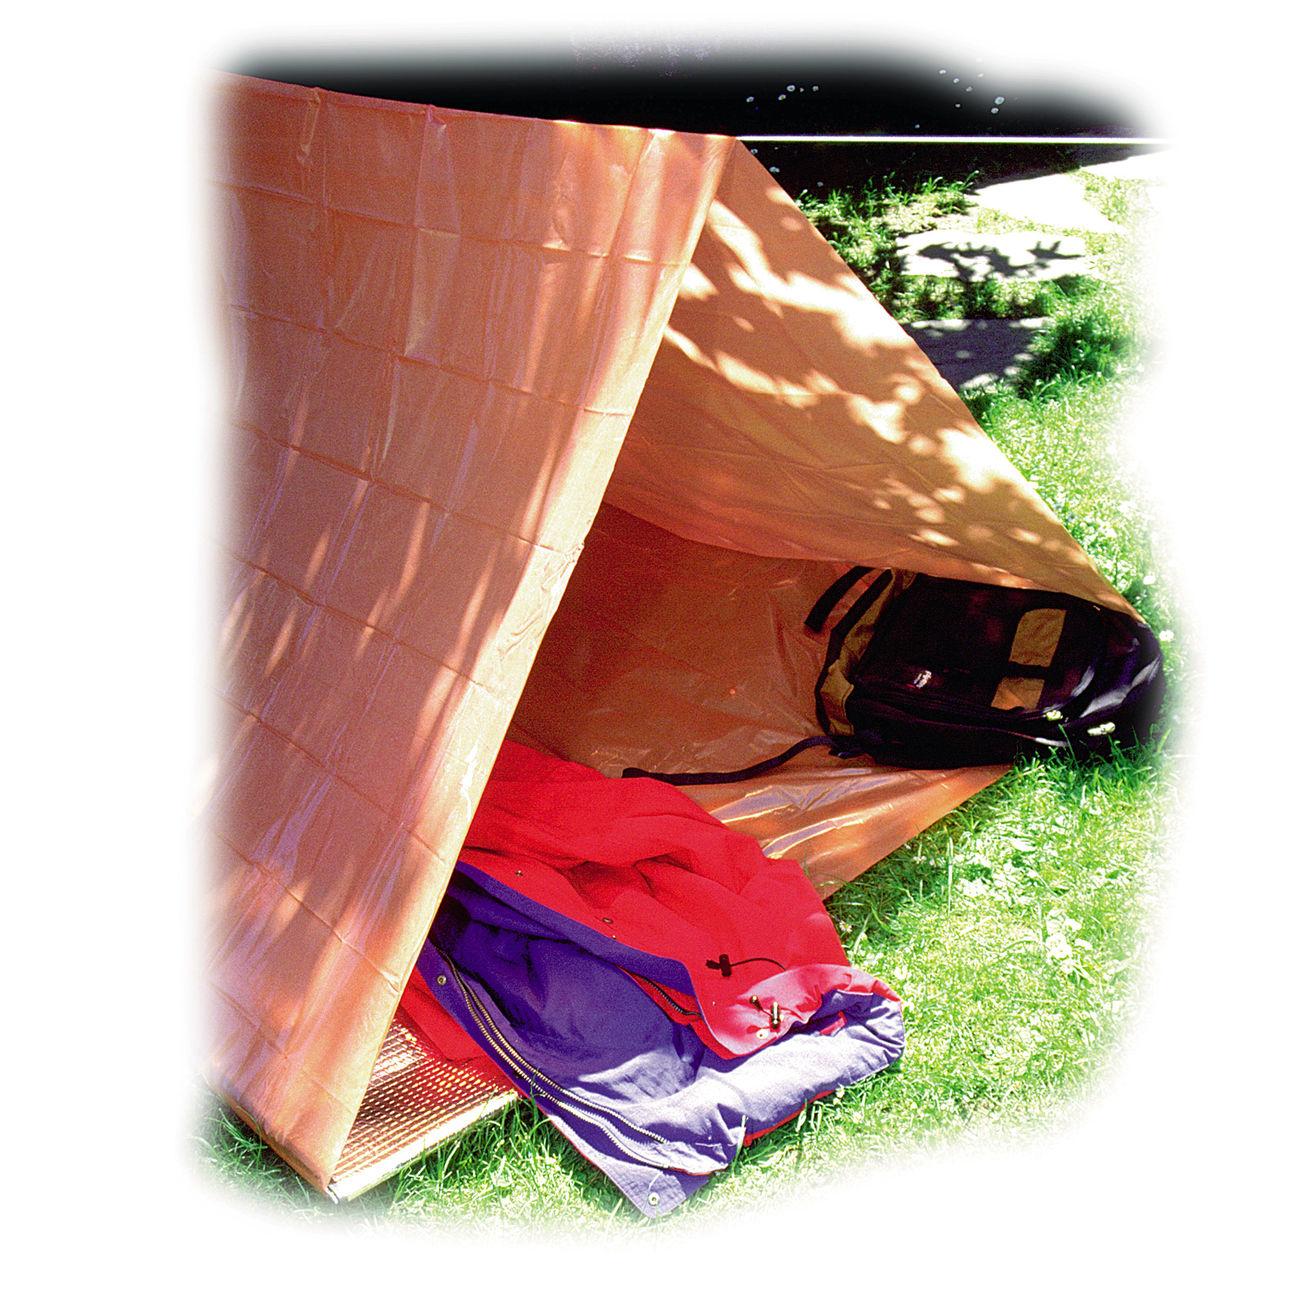 coghlans notzelt f r 2 personen g nstig kaufen kotte zeller. Black Bedroom Furniture Sets. Home Design Ideas